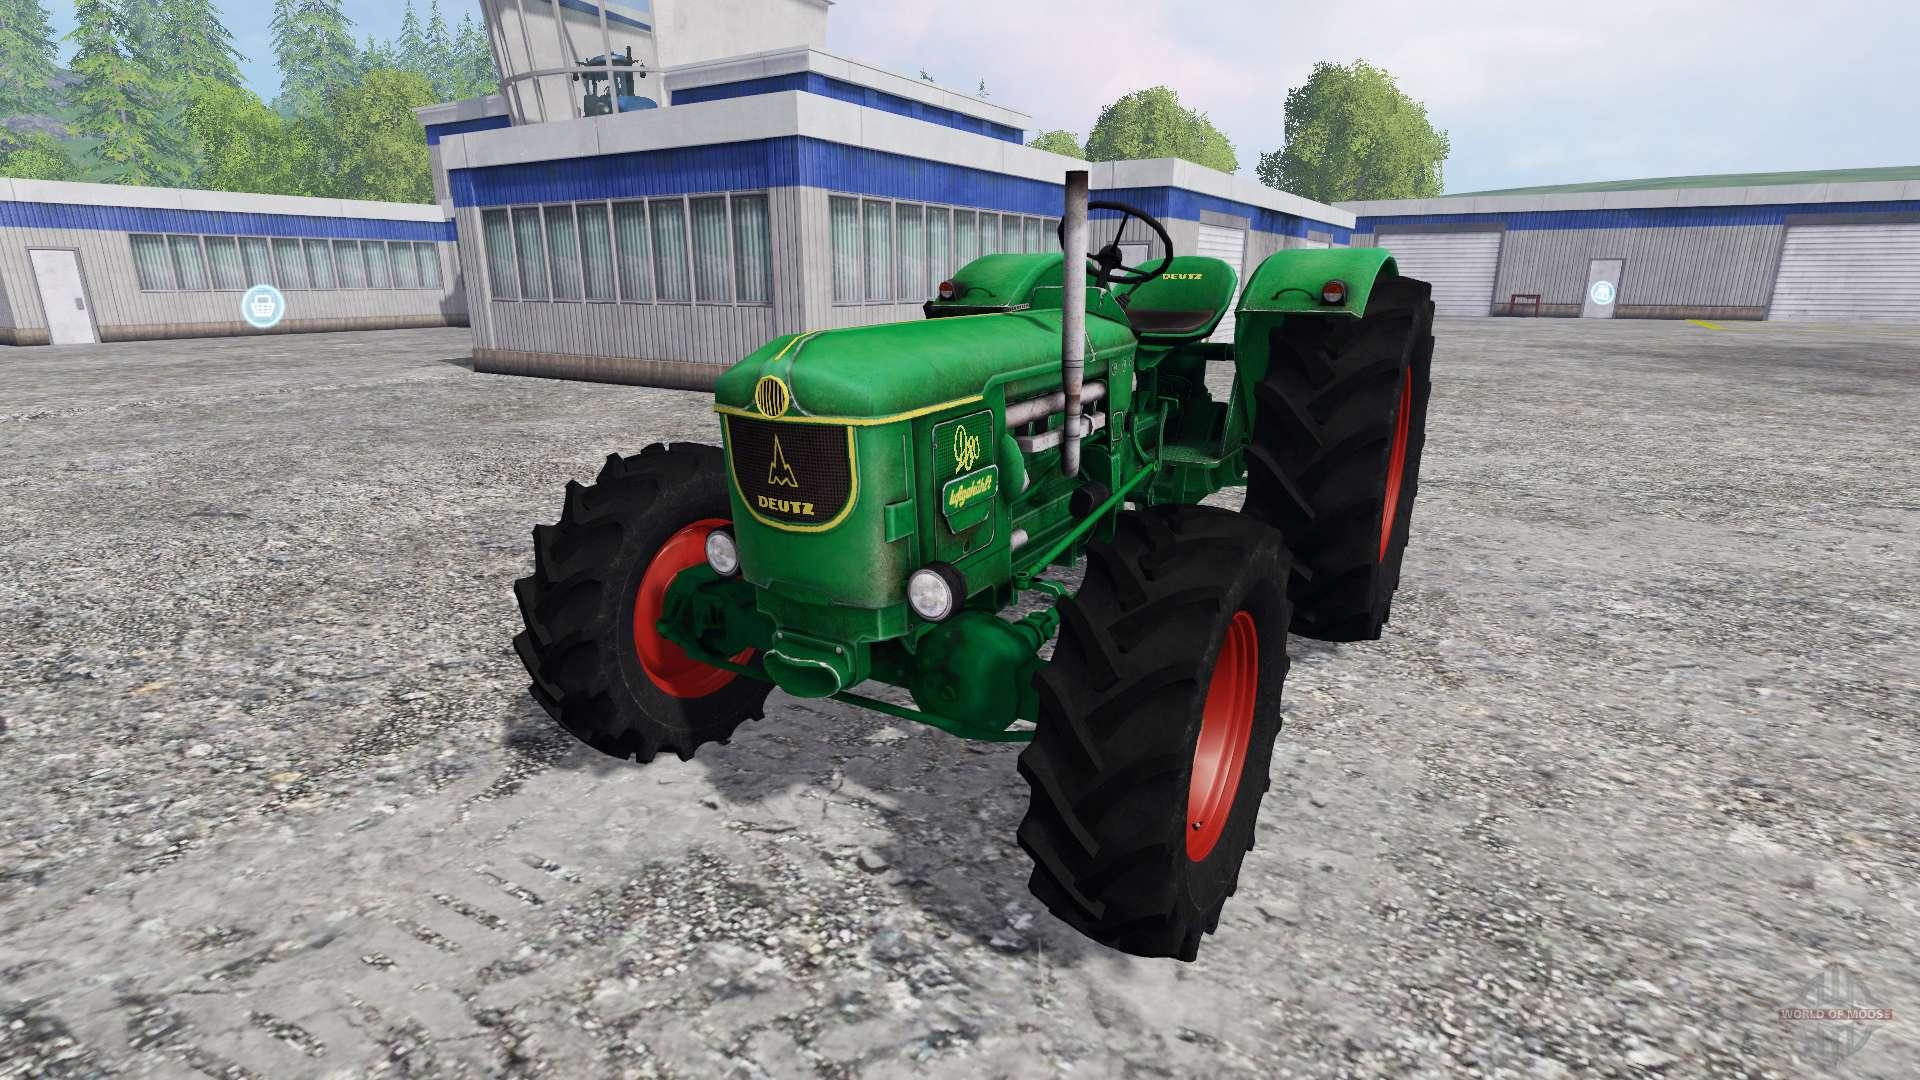 Трактор мтз 82,1 в Ленинском районе. Цена 710 рублей